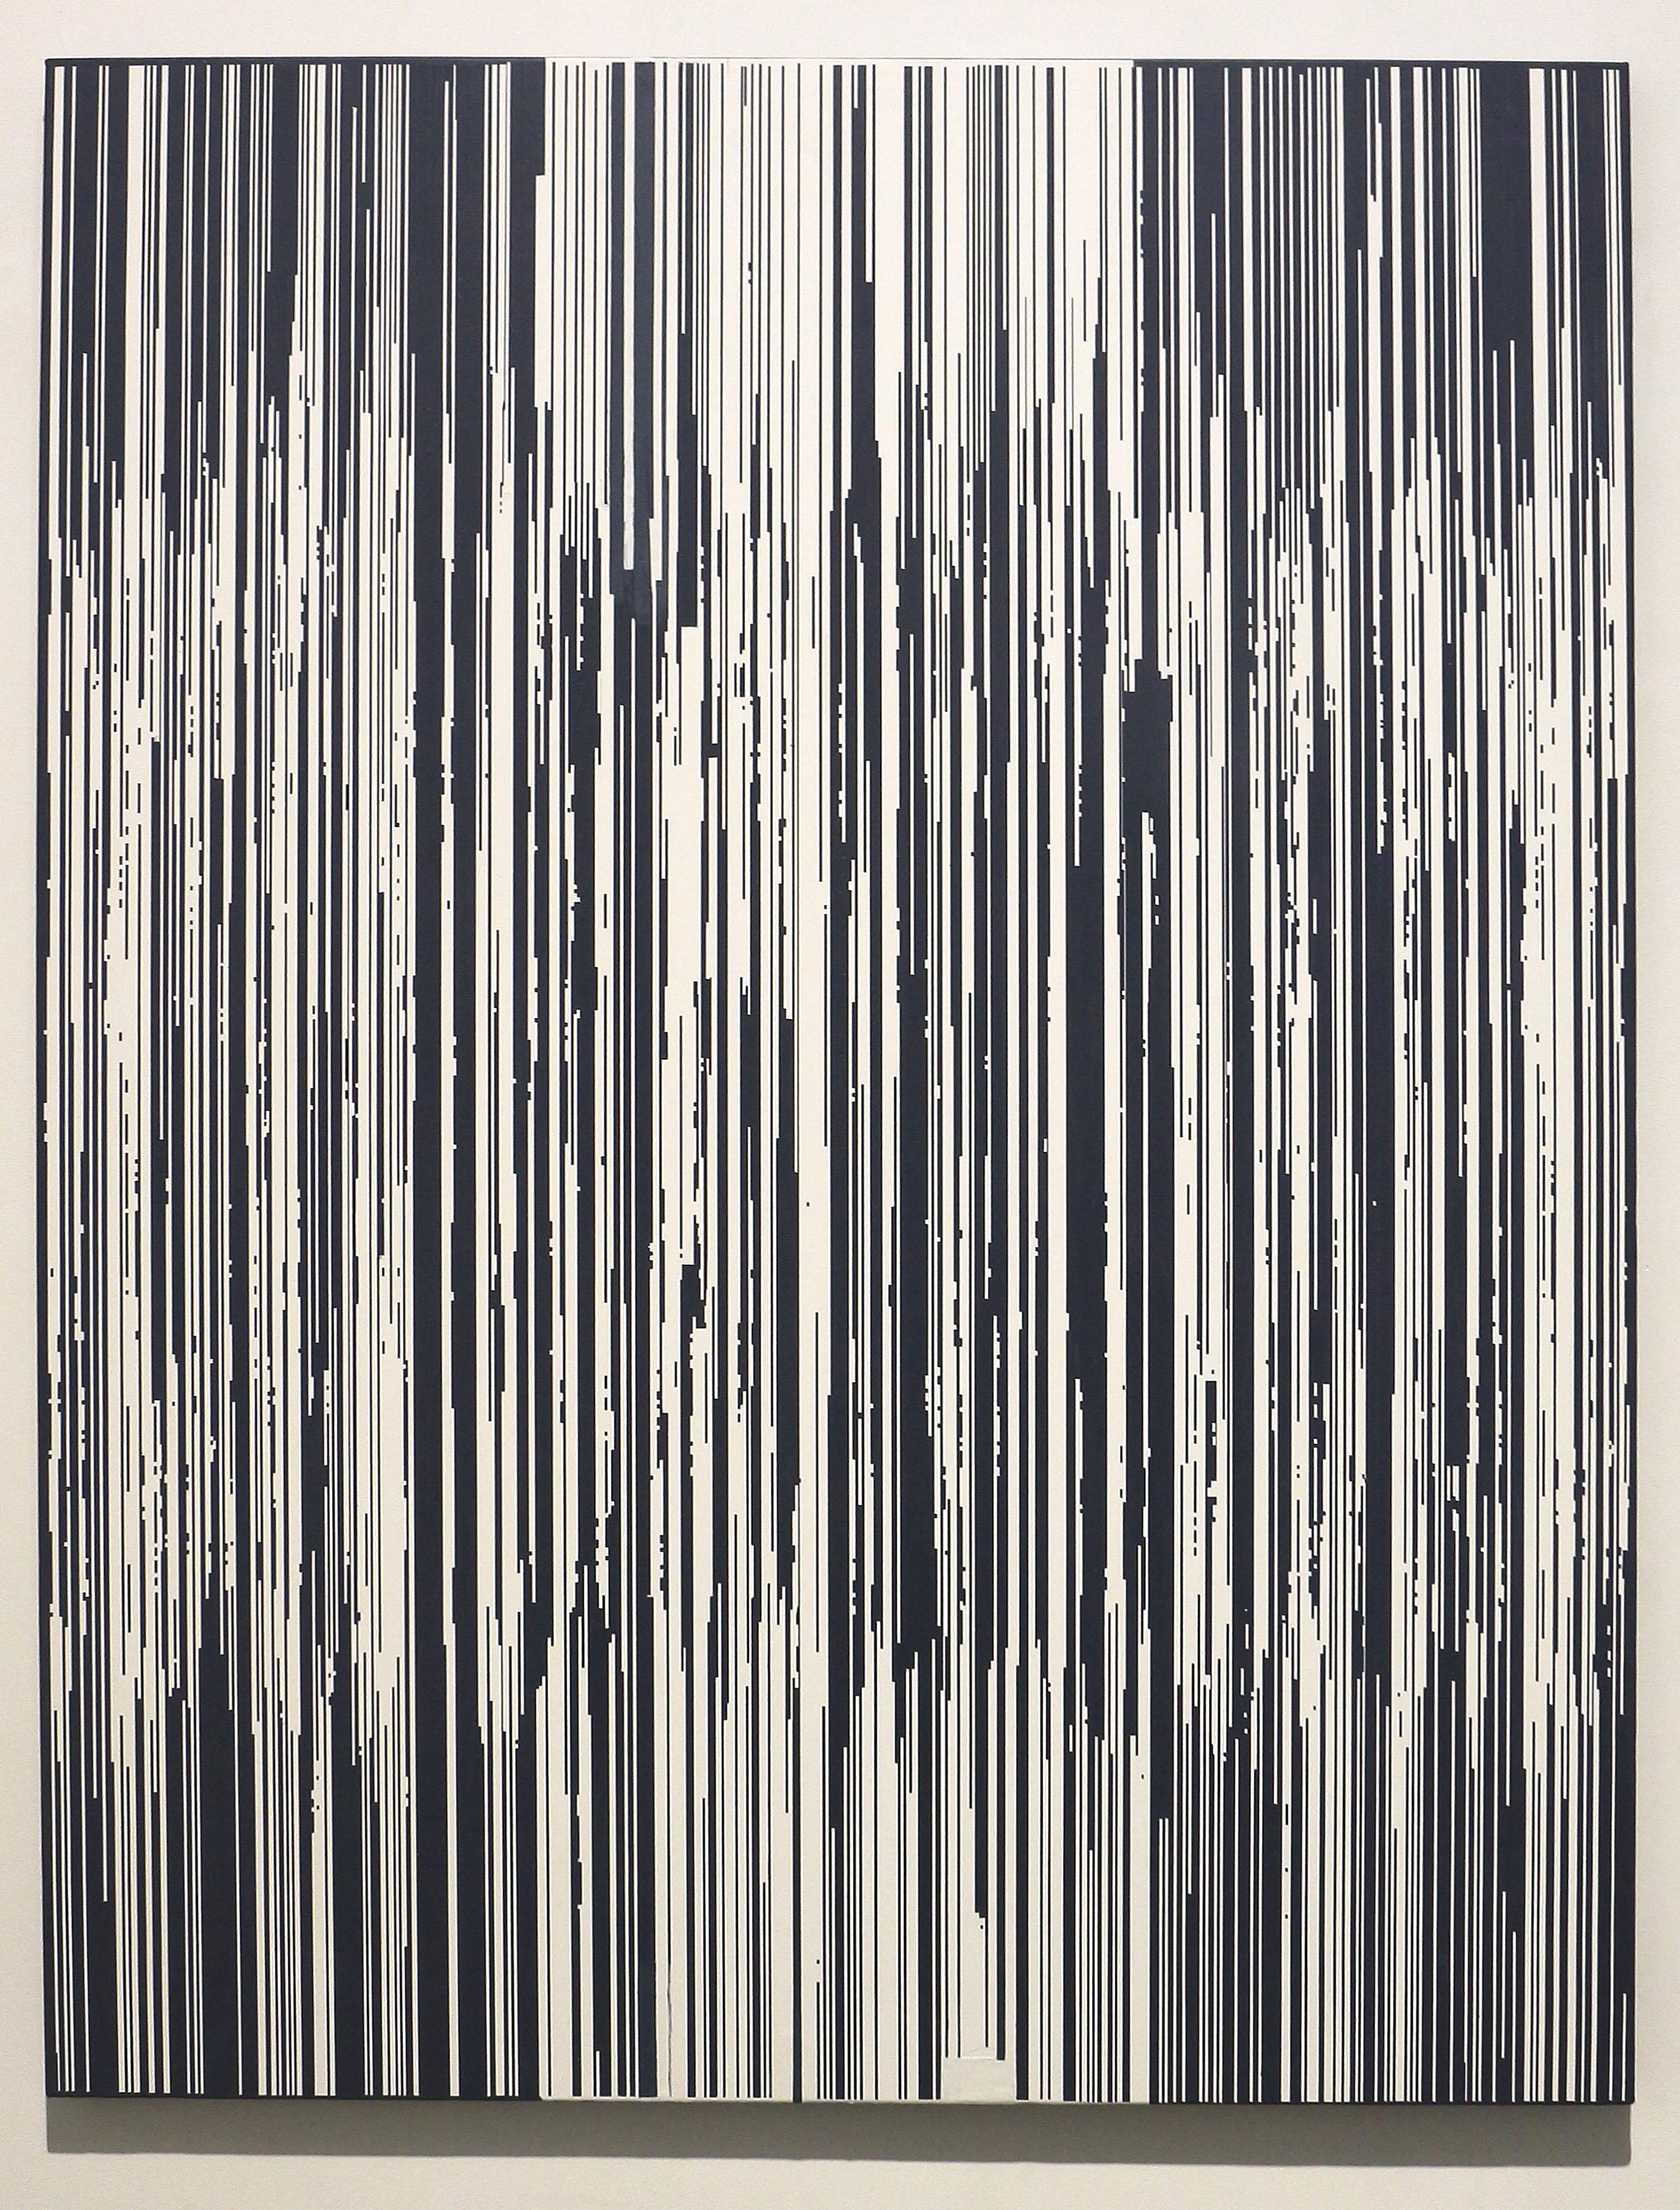 J. PARK_2016 Maze-201651216_Acrylic on canvas_116.8x91cm